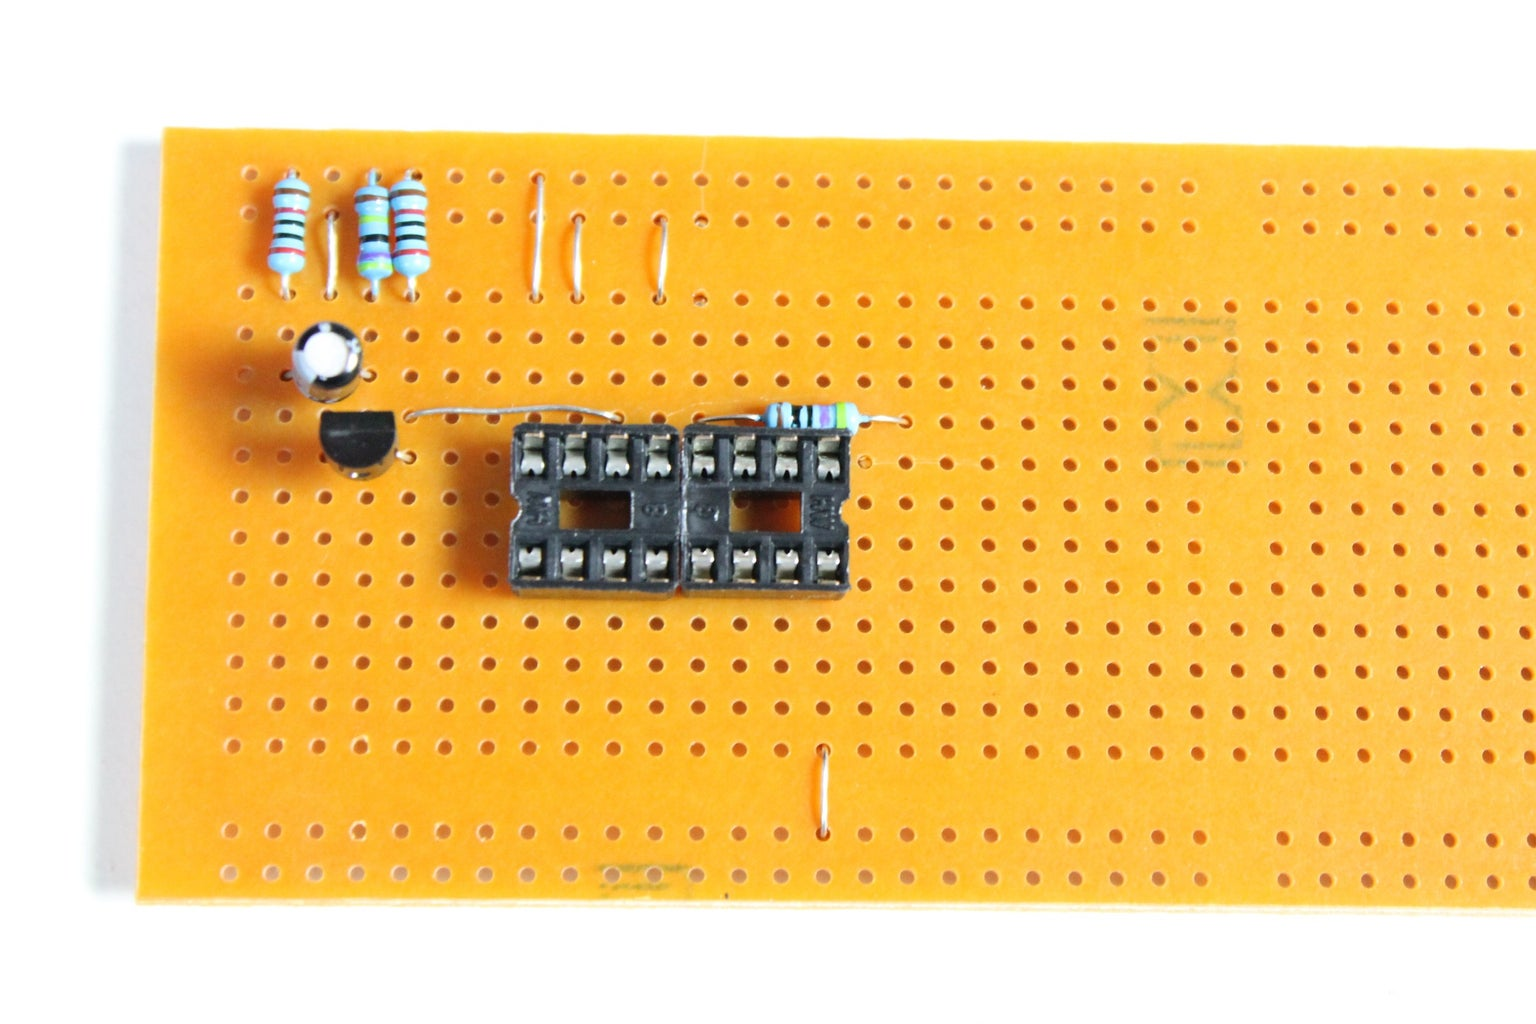 Adding a Cap and More Resistors